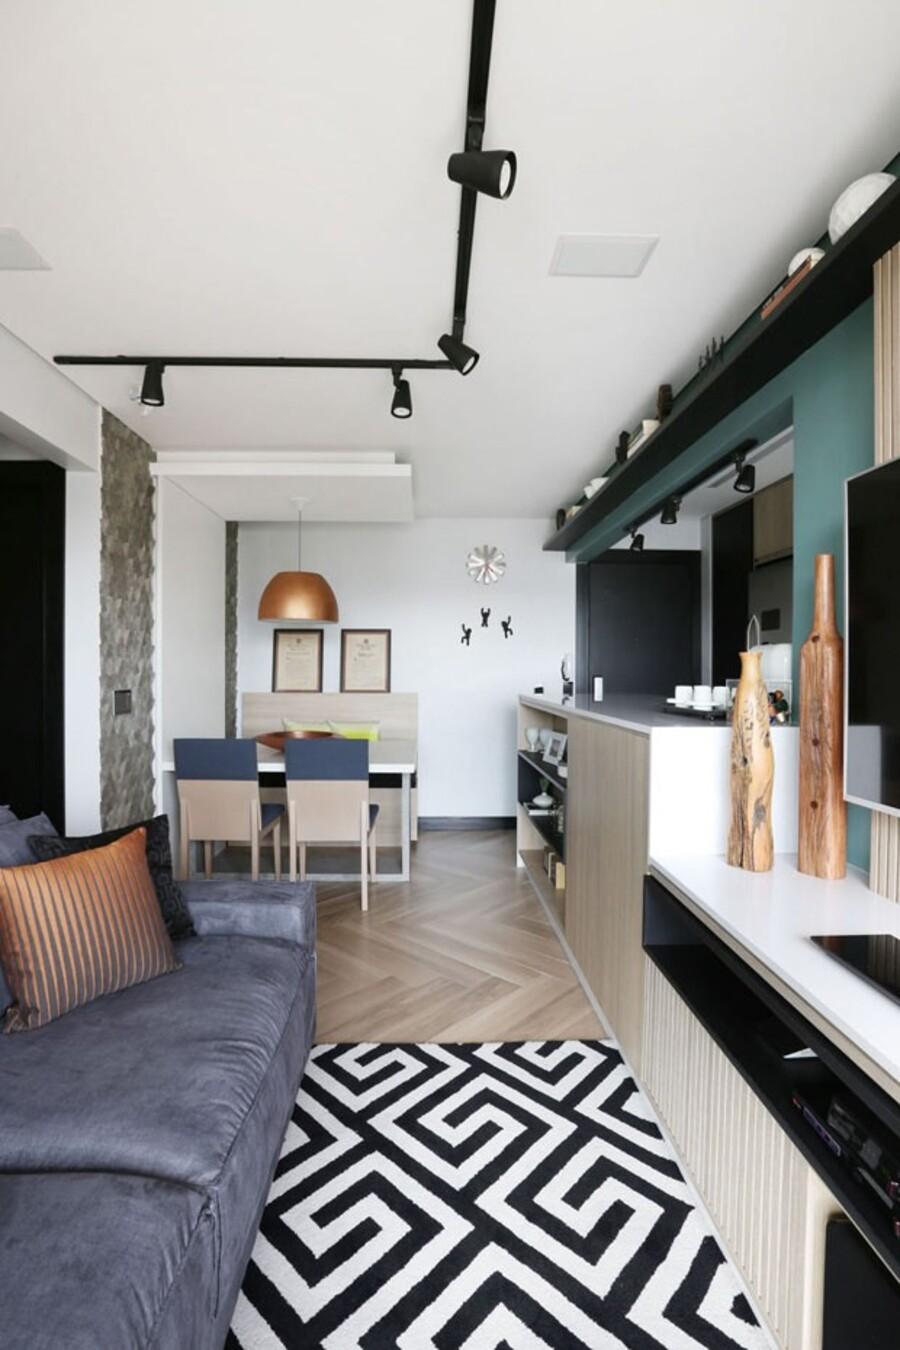 La alfombra y los muebles son buenas maneras para delimitar los espacios en un concepto abierto.